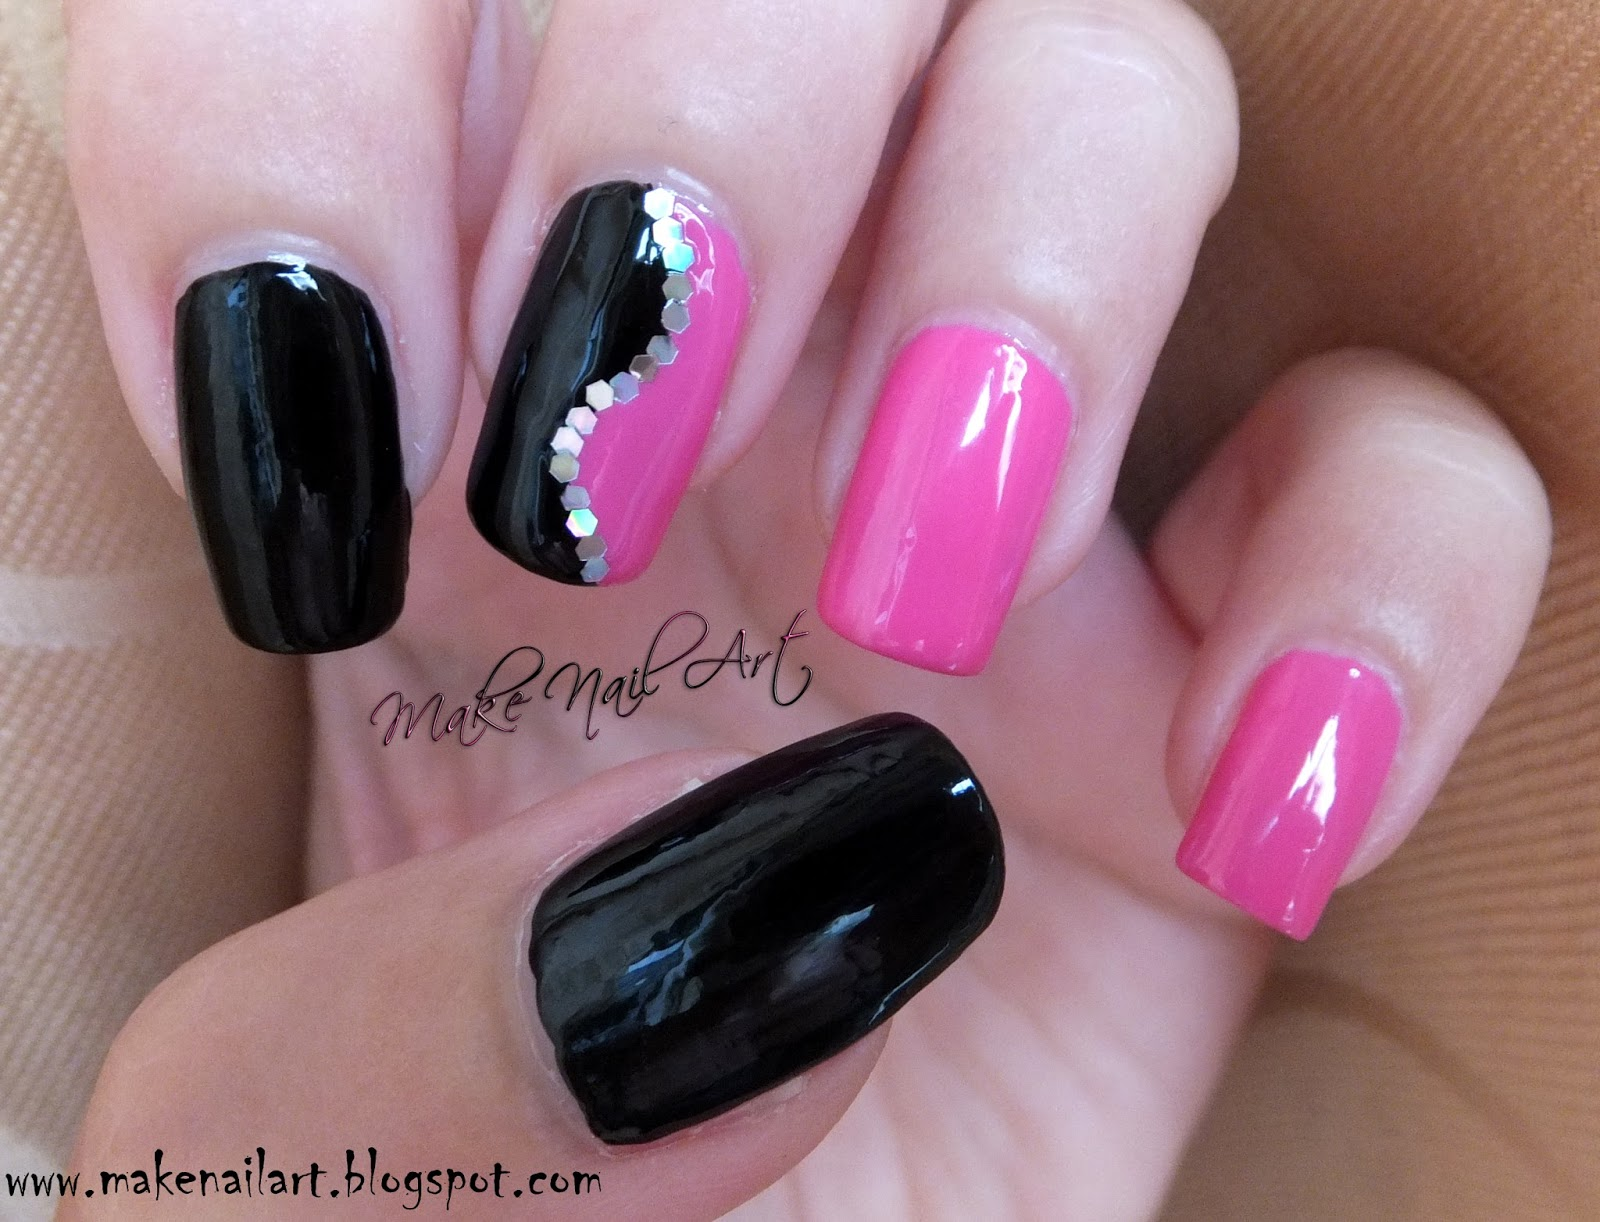 make nail art easy black and pink nail design nail art